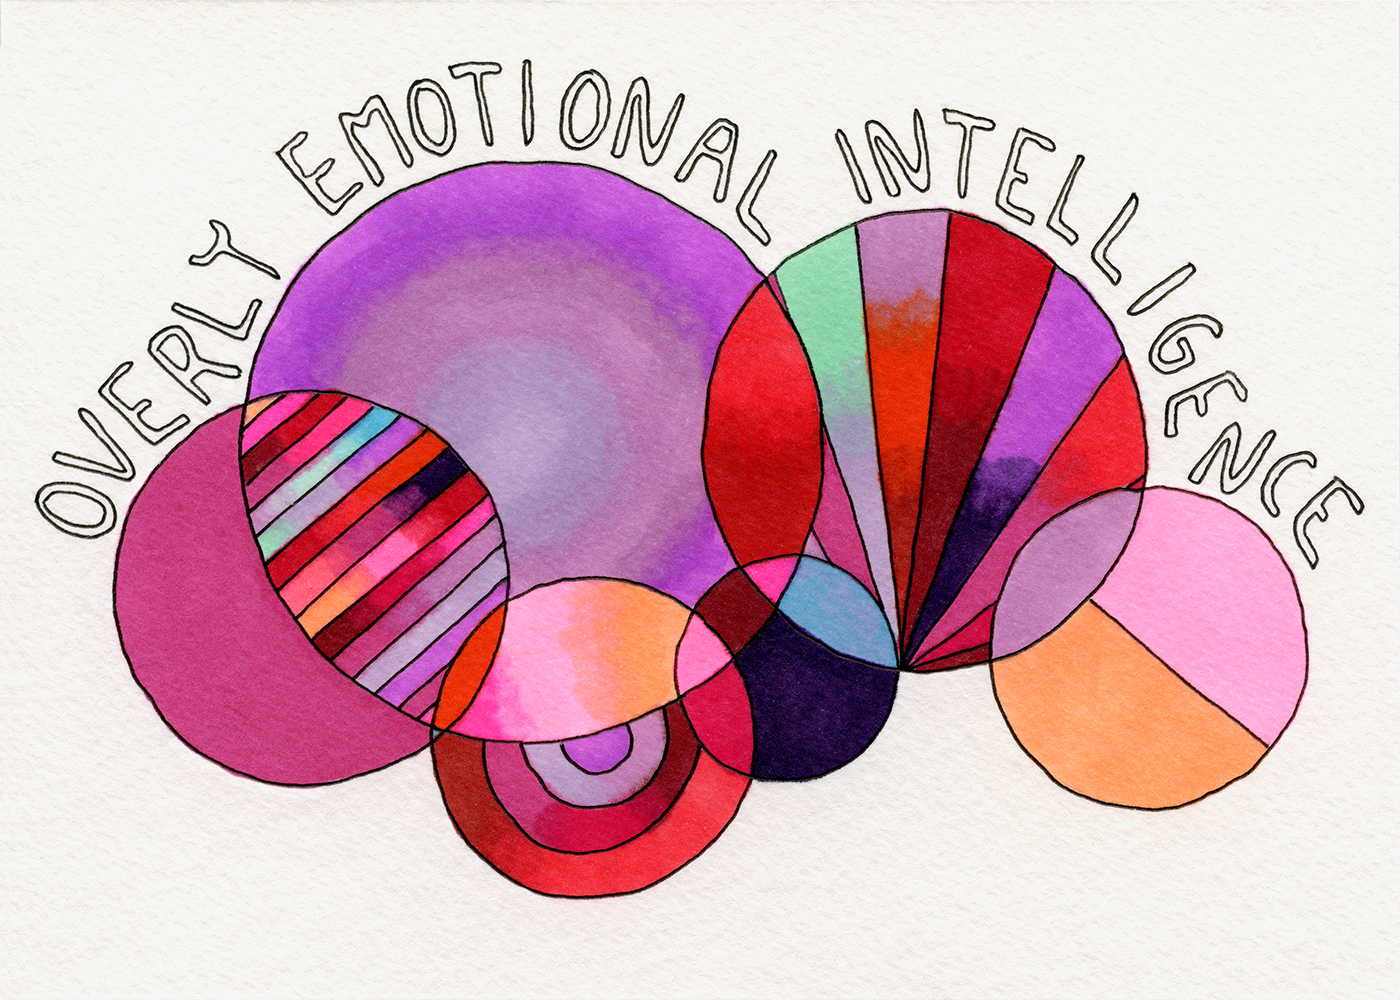 57_overly_emotional_intelligence.jpg